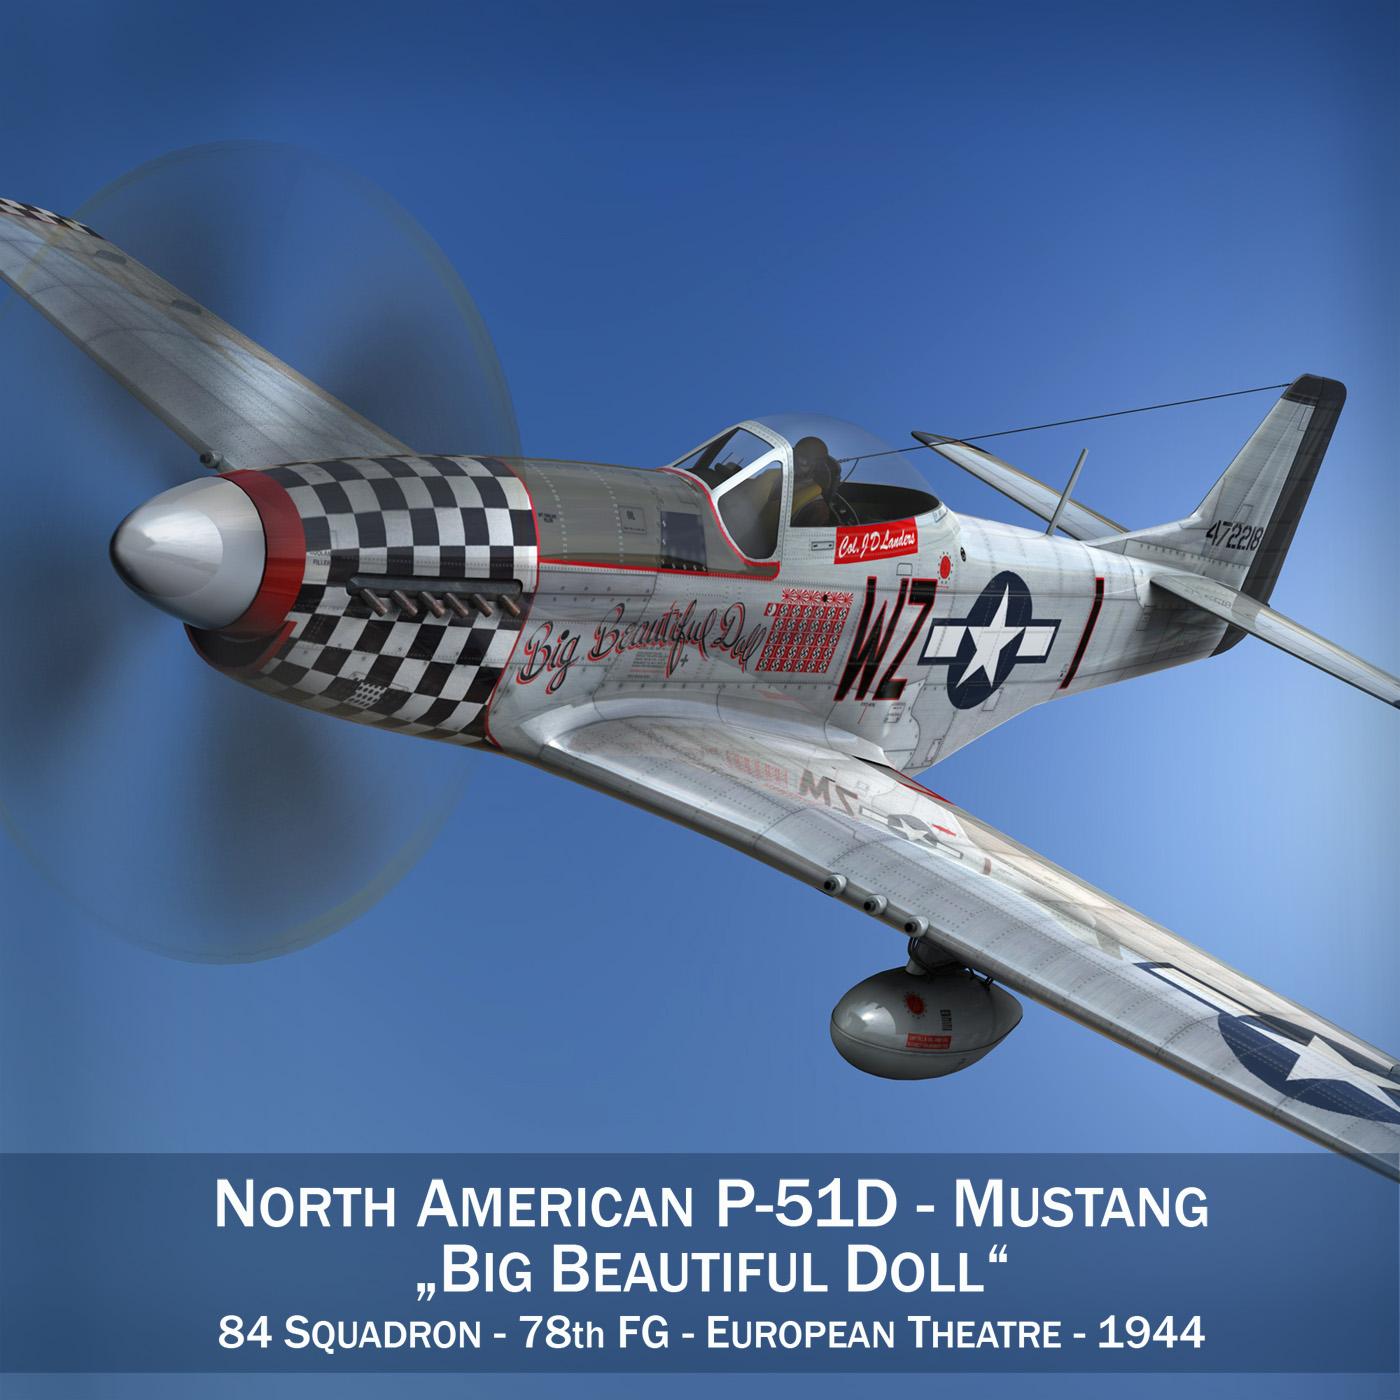 North American P-51D Mustang - Big Beautiful Doll 3d model fbx c4d lwo lws lw obj 282552